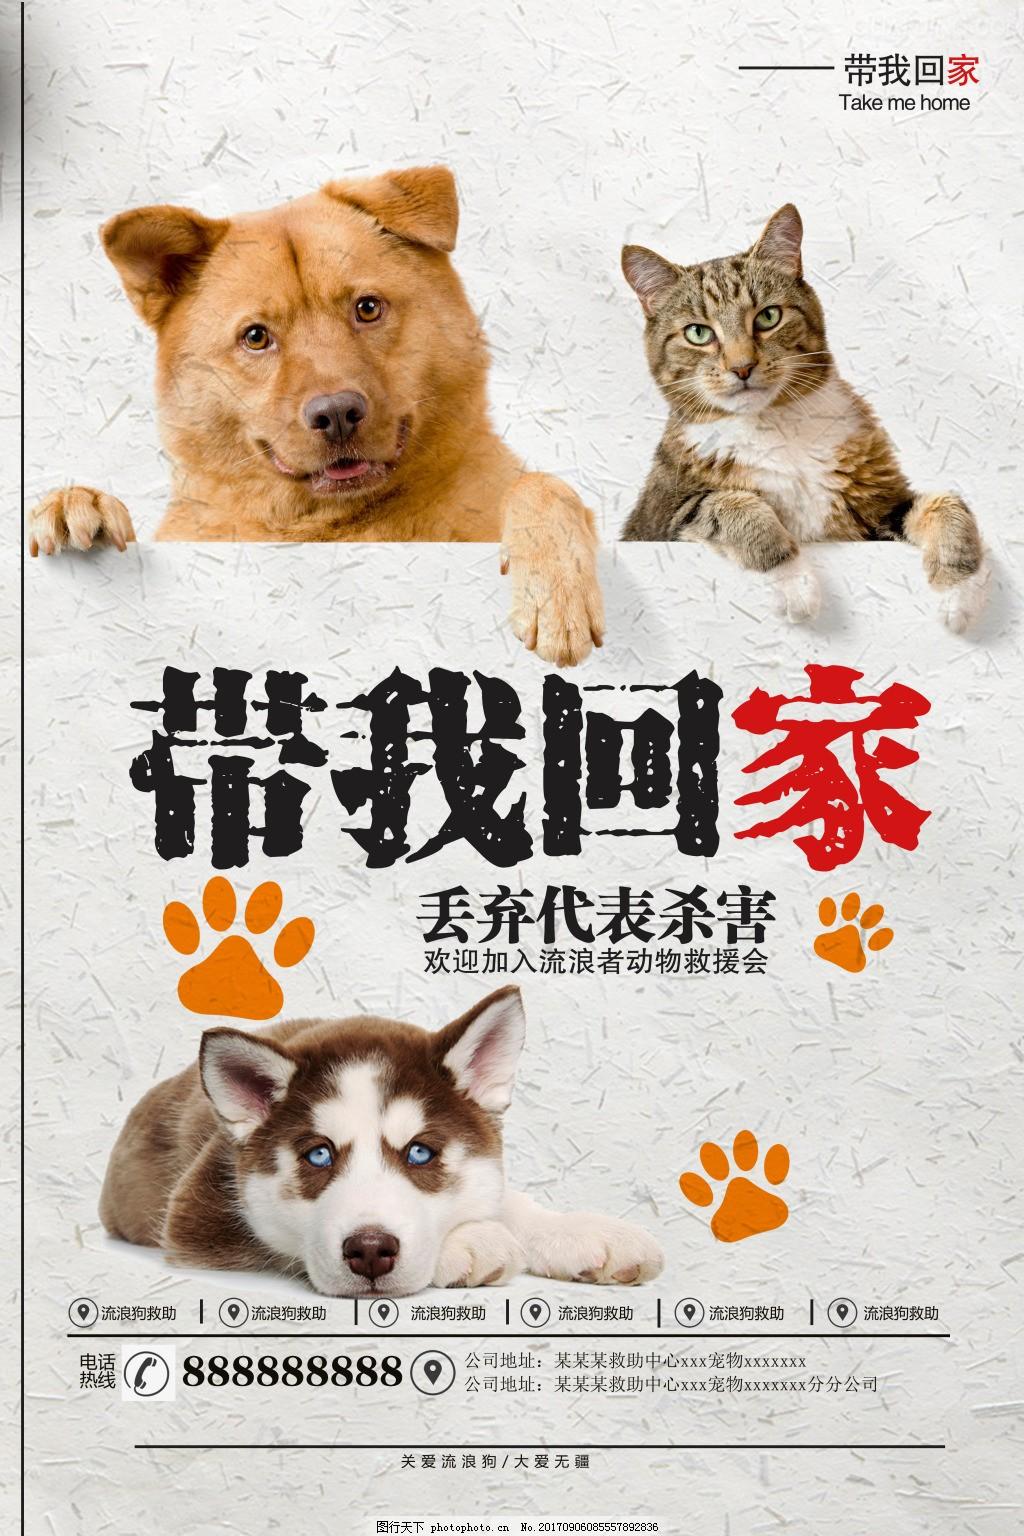 关爱流浪猫狗公益矢量宣传海报,关爱动物 善待动物